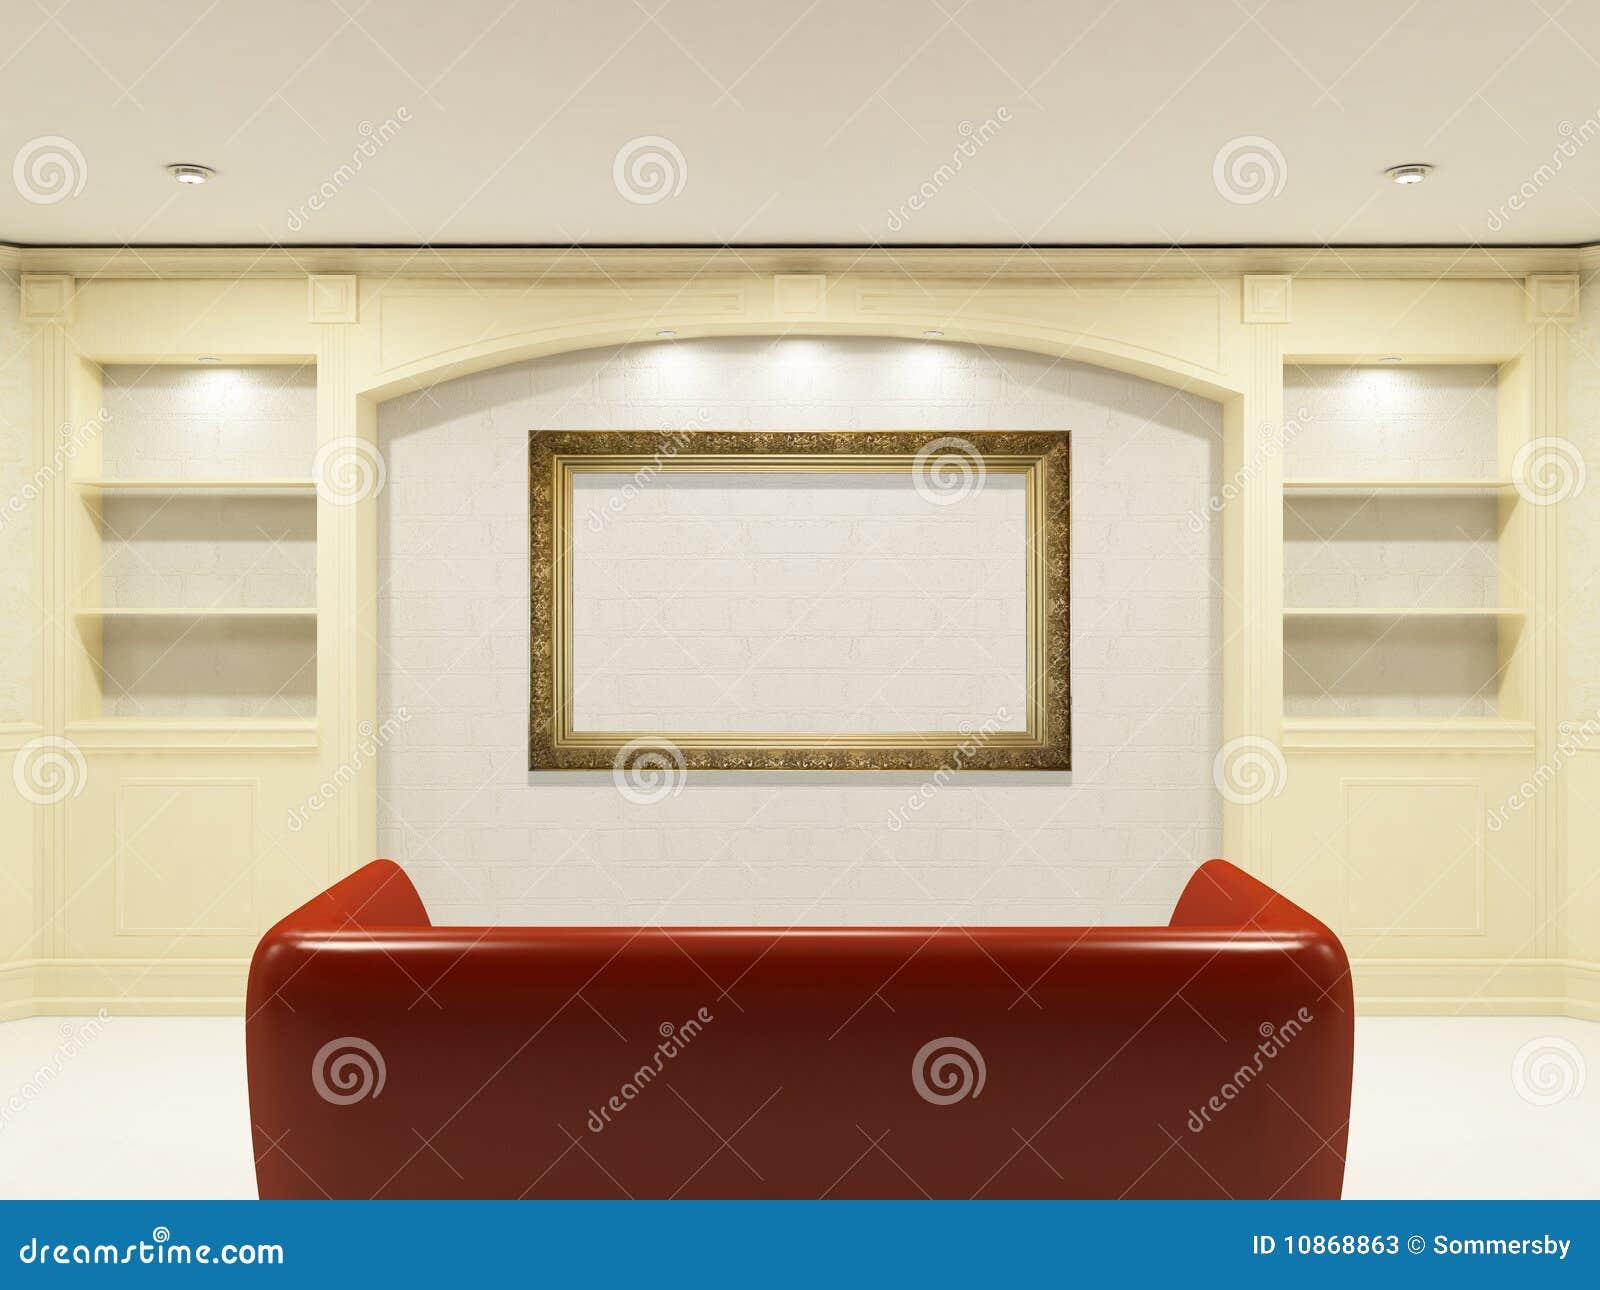 Rode bank met plaats op de muur voor van u informatie.